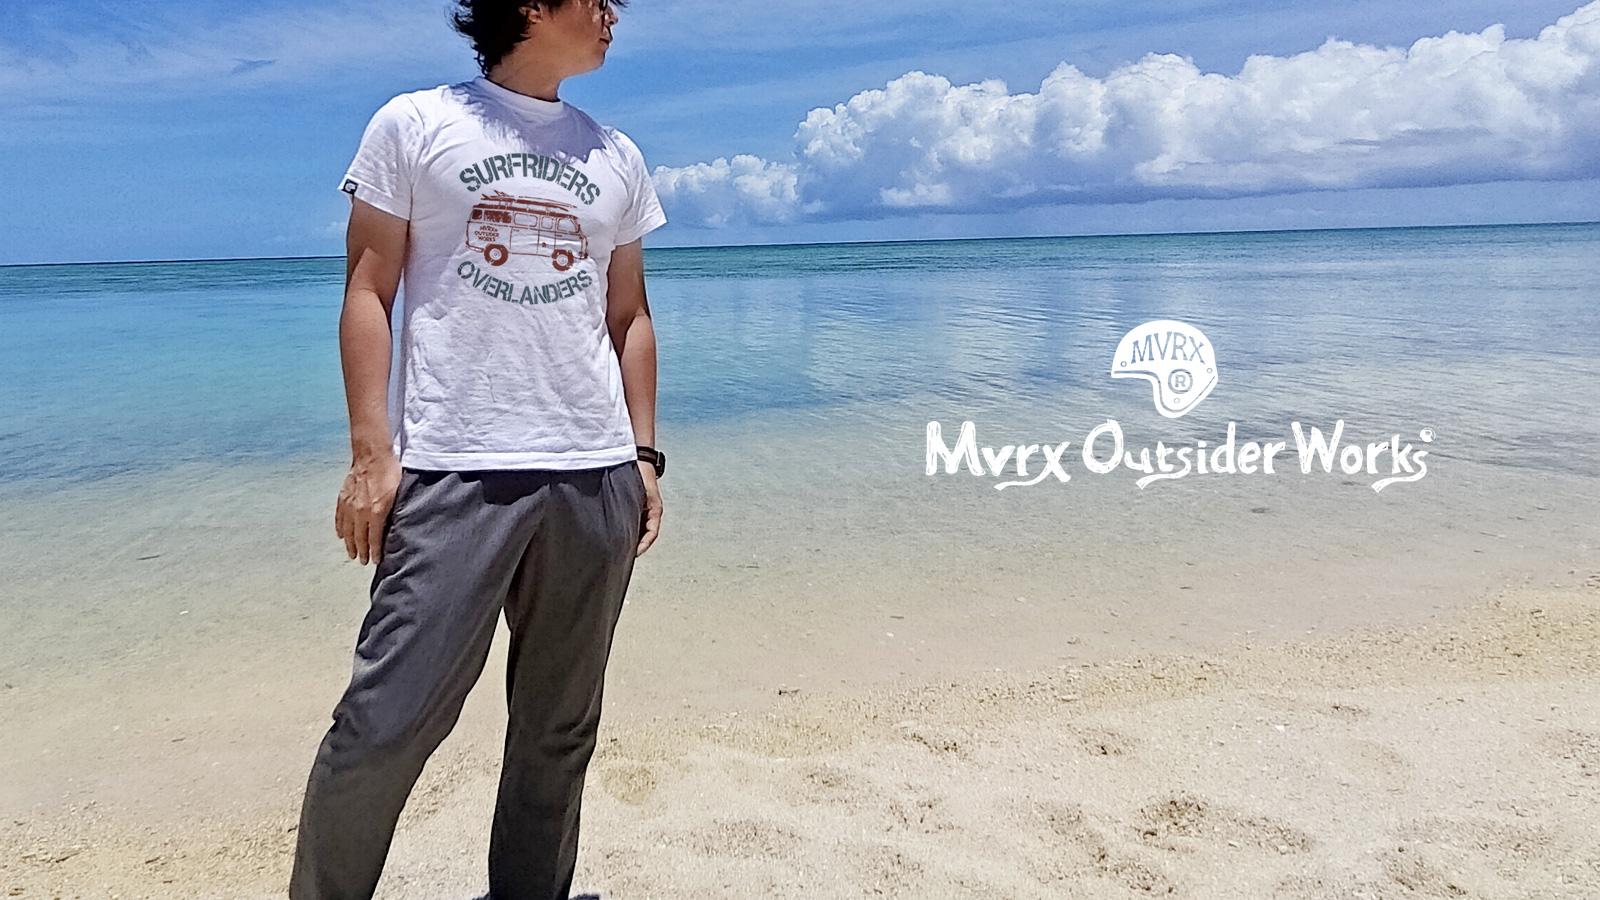 MVRX 半袖 Tシャツ SURFRIDERS モデル サーフィン ワゴン プリント 白